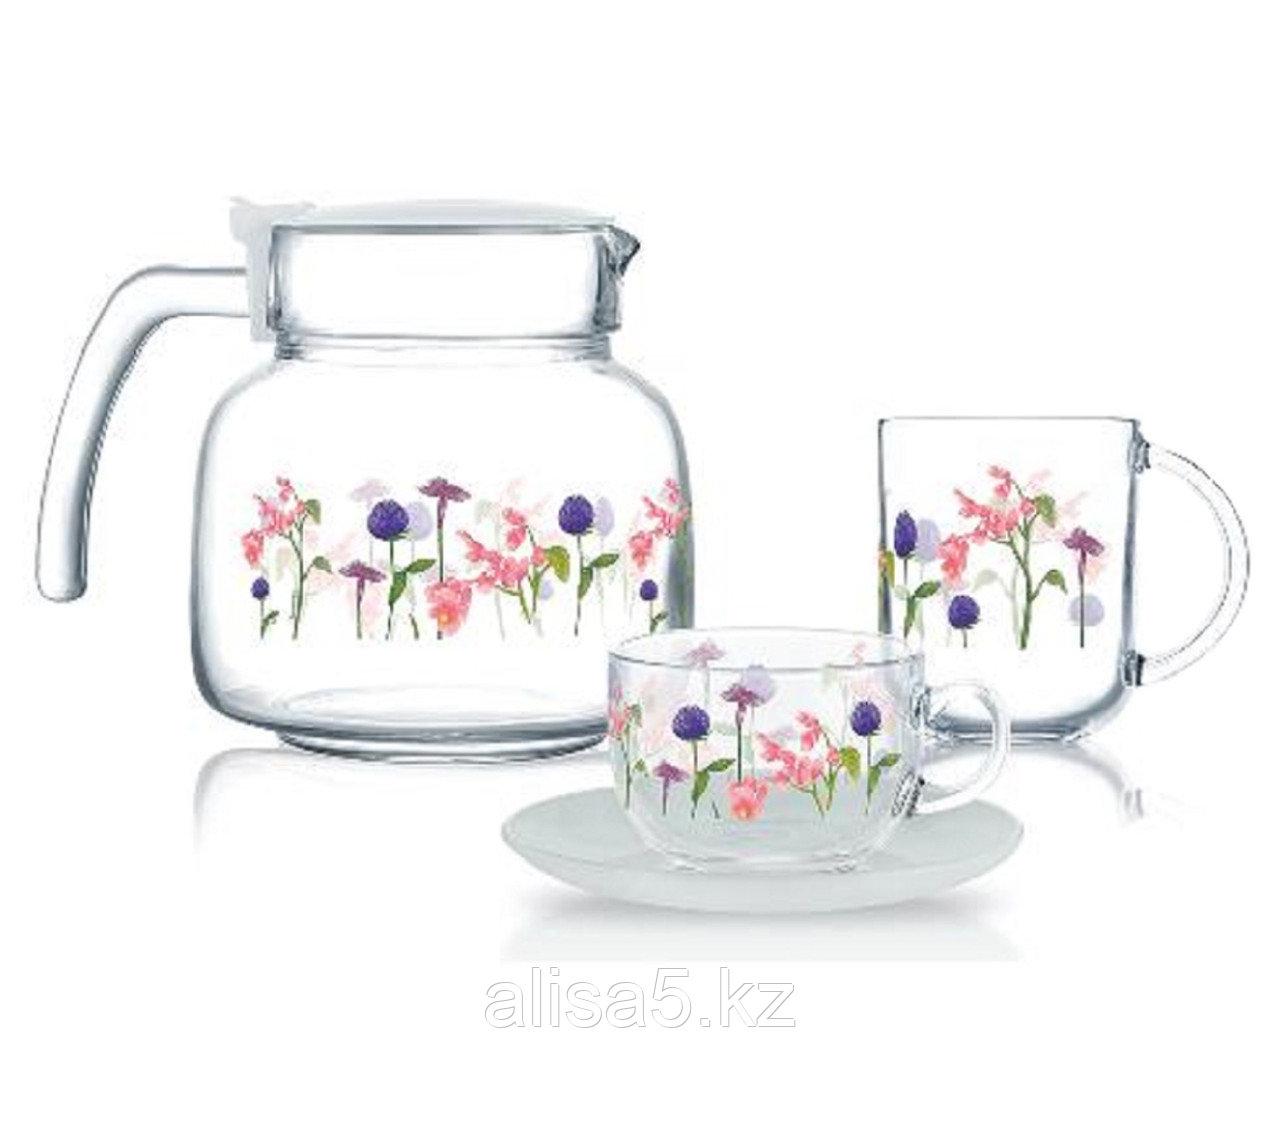 ROZANA чайный cервиз на 6 персон из 19 предметов, шт